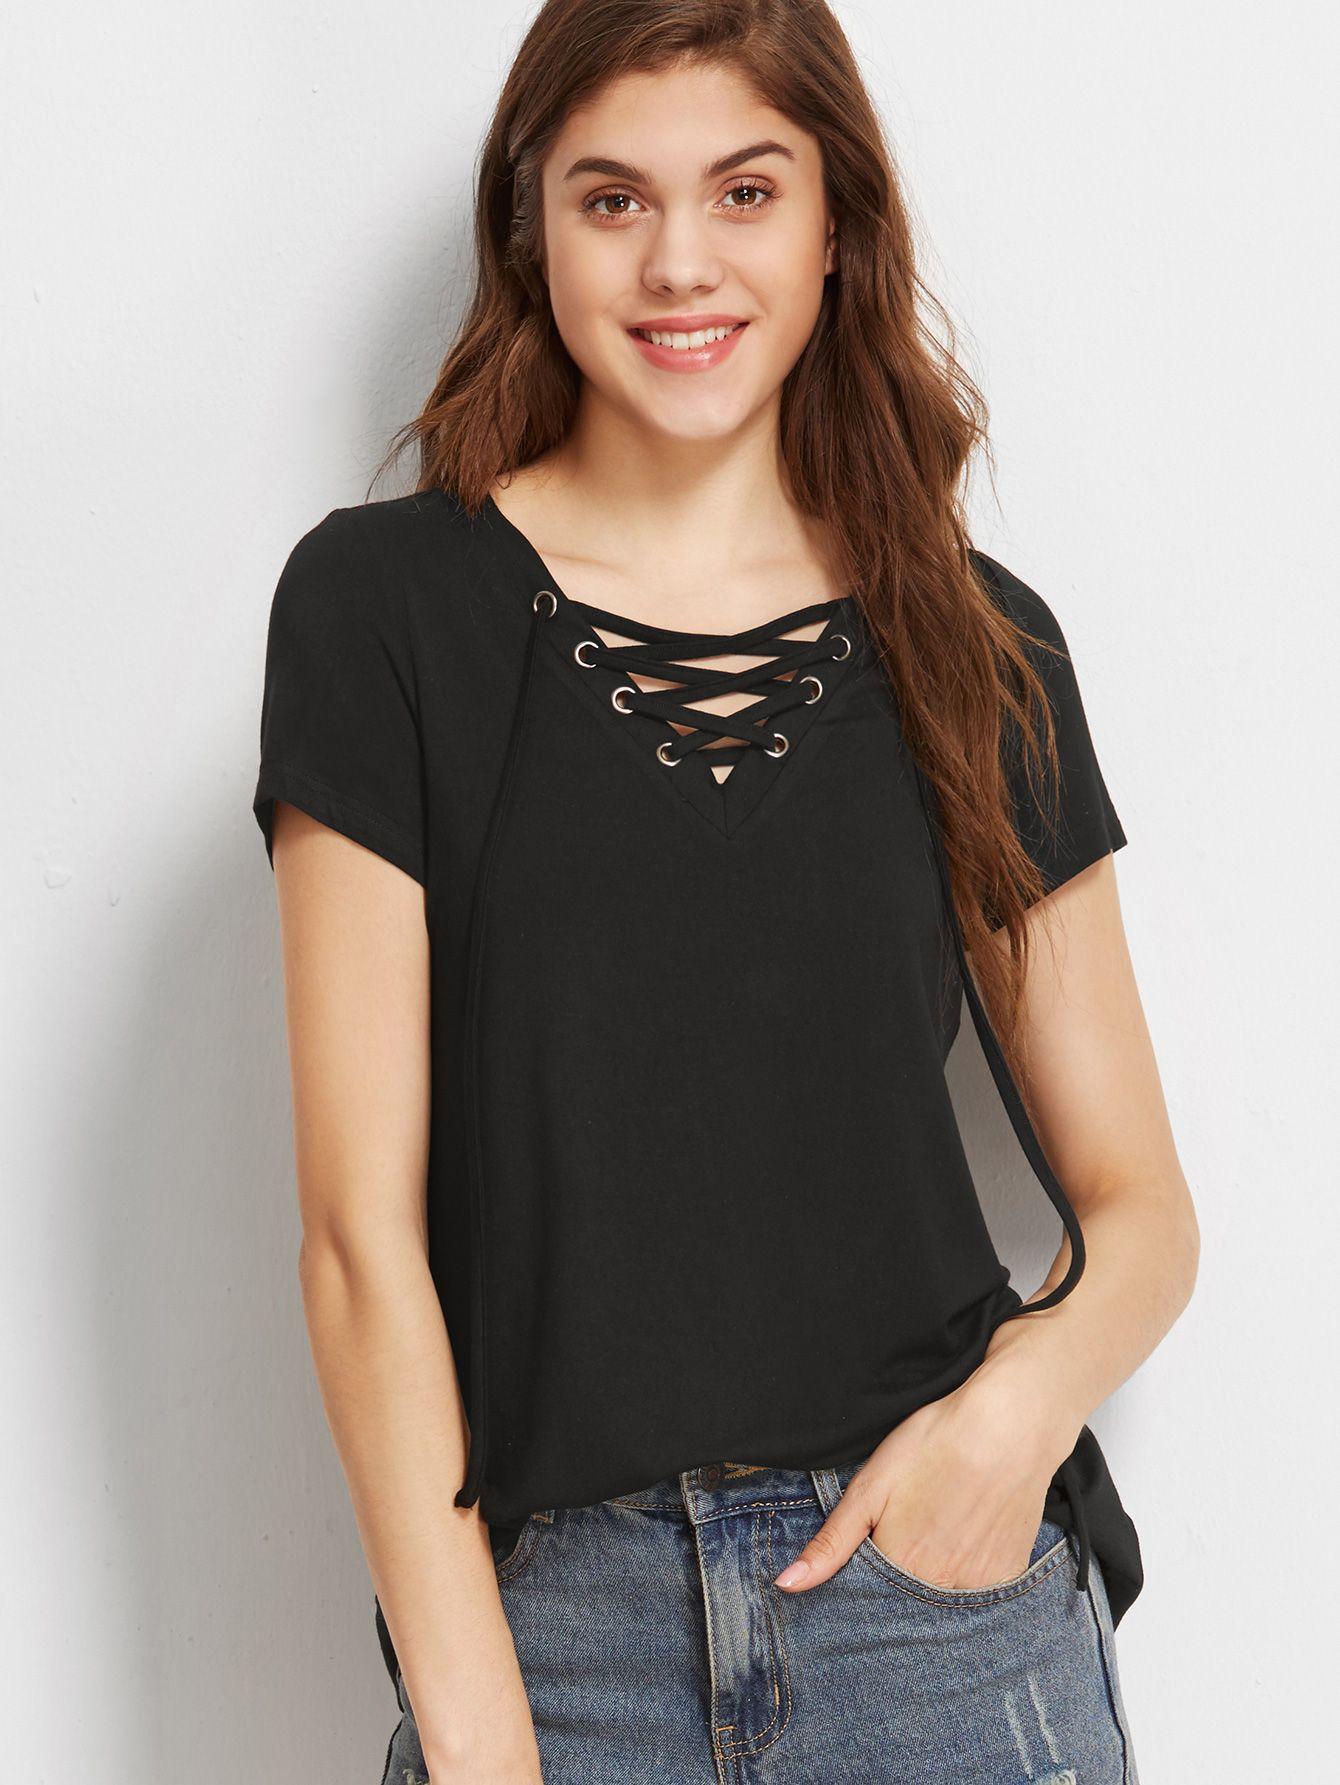 7e1059d707 Shop Black Lace Up V Neck T-shirt online. SheIn offers Black Lace Up V Neck  T-shirt & more to fit your fashionable needs.